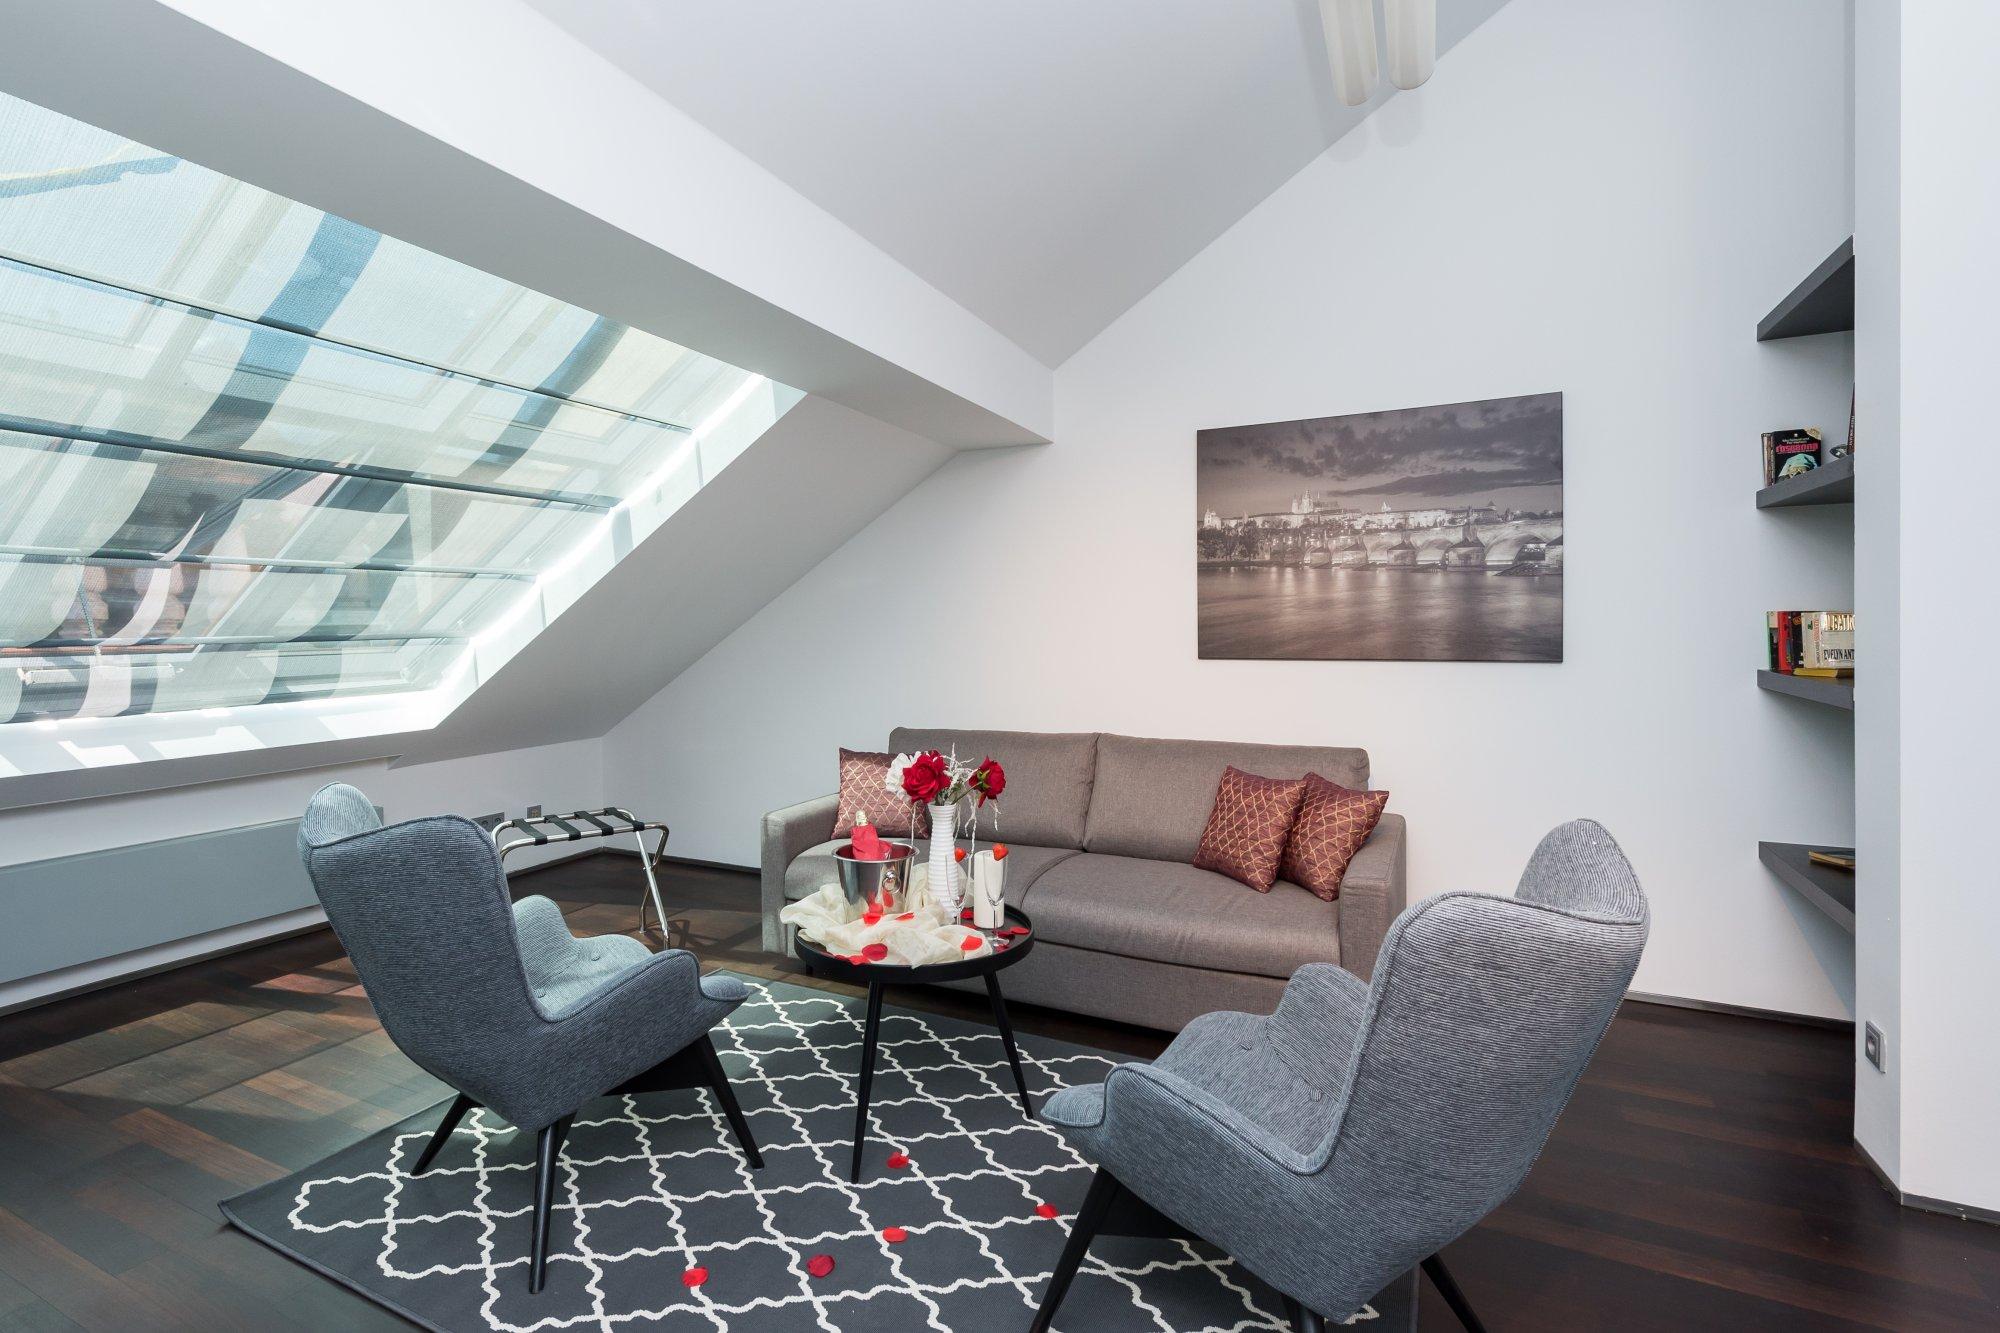 Půdní byt 3+kk, plocha 115 m², ulice Zlatnická, Praha 1 - Nové Město | 3